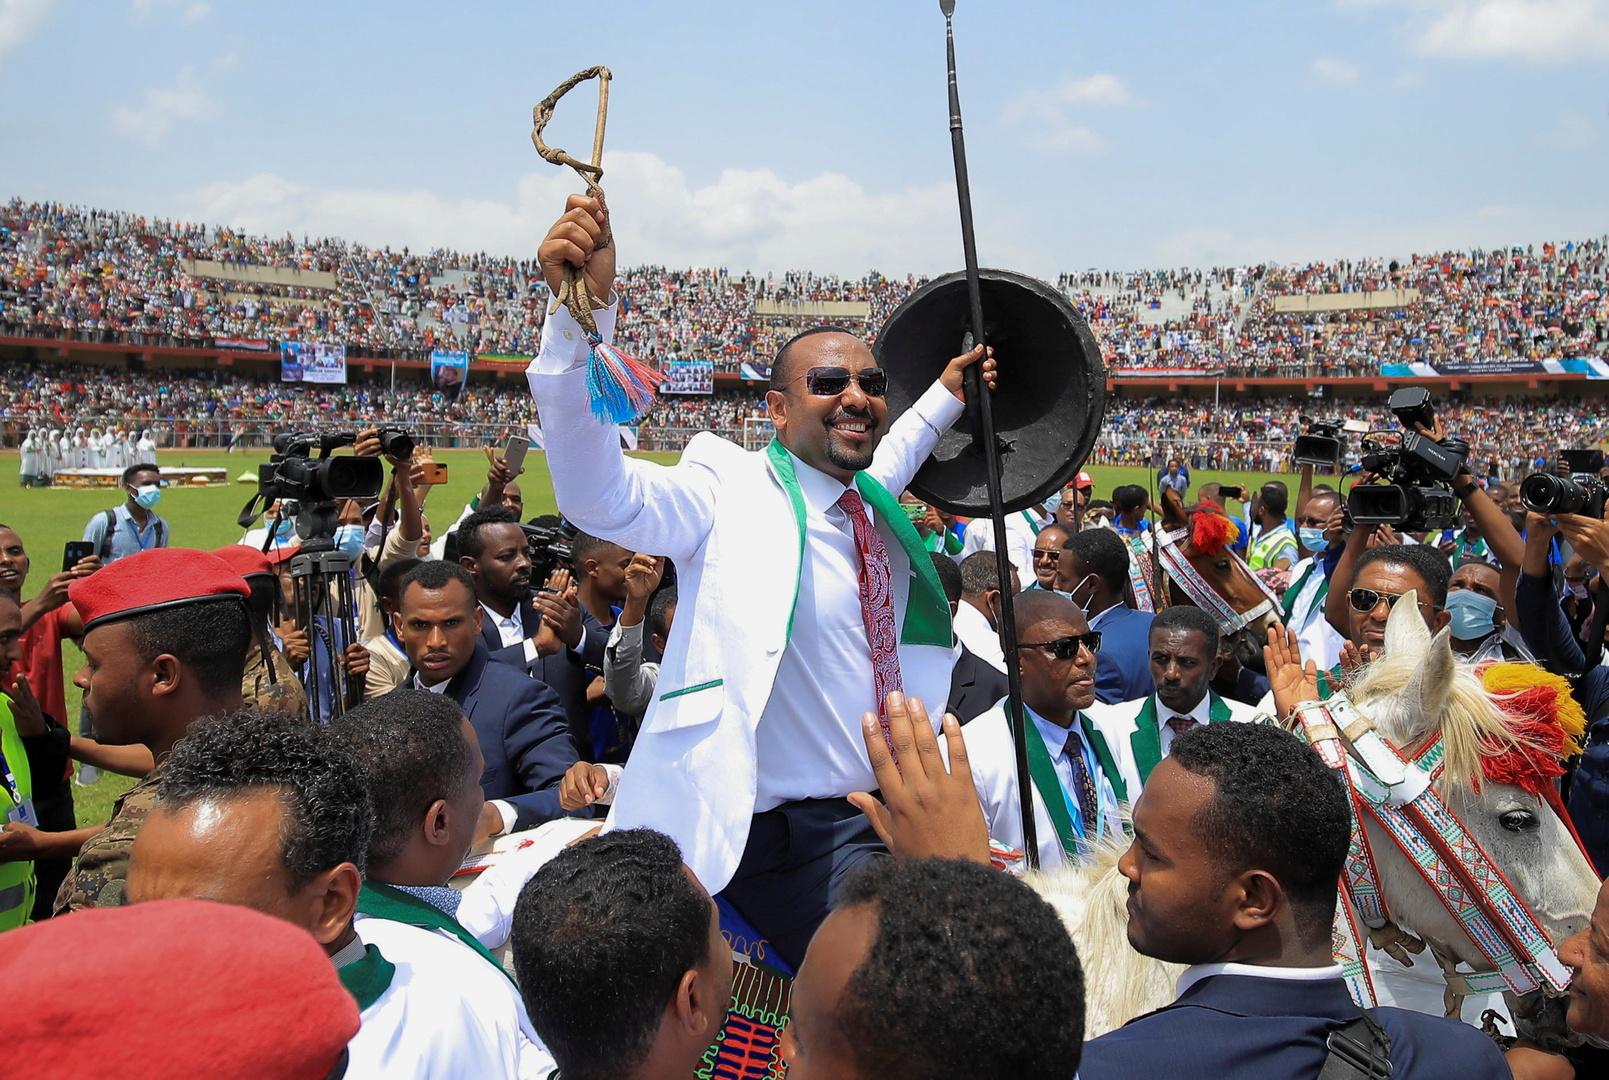 إثيوبيا تستعد للتصويت وسط تعهدات بانتخابات نزيهة